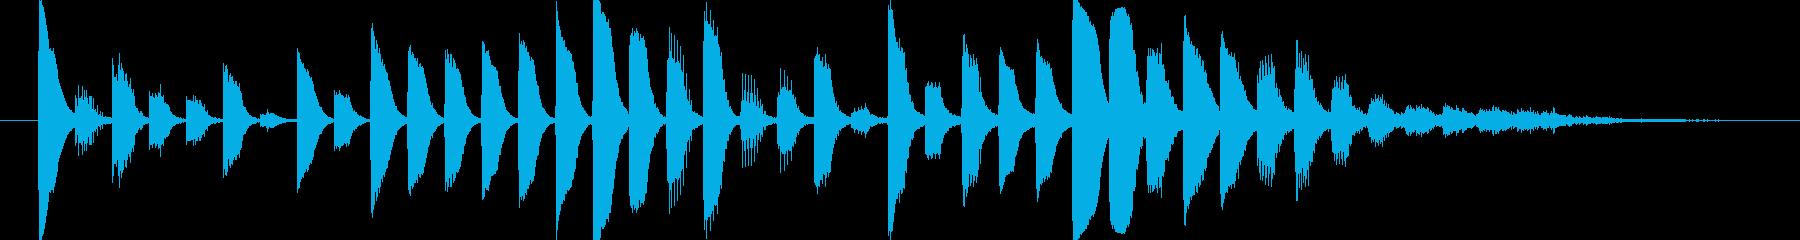 デジタルなアイキャッチの再生済みの波形